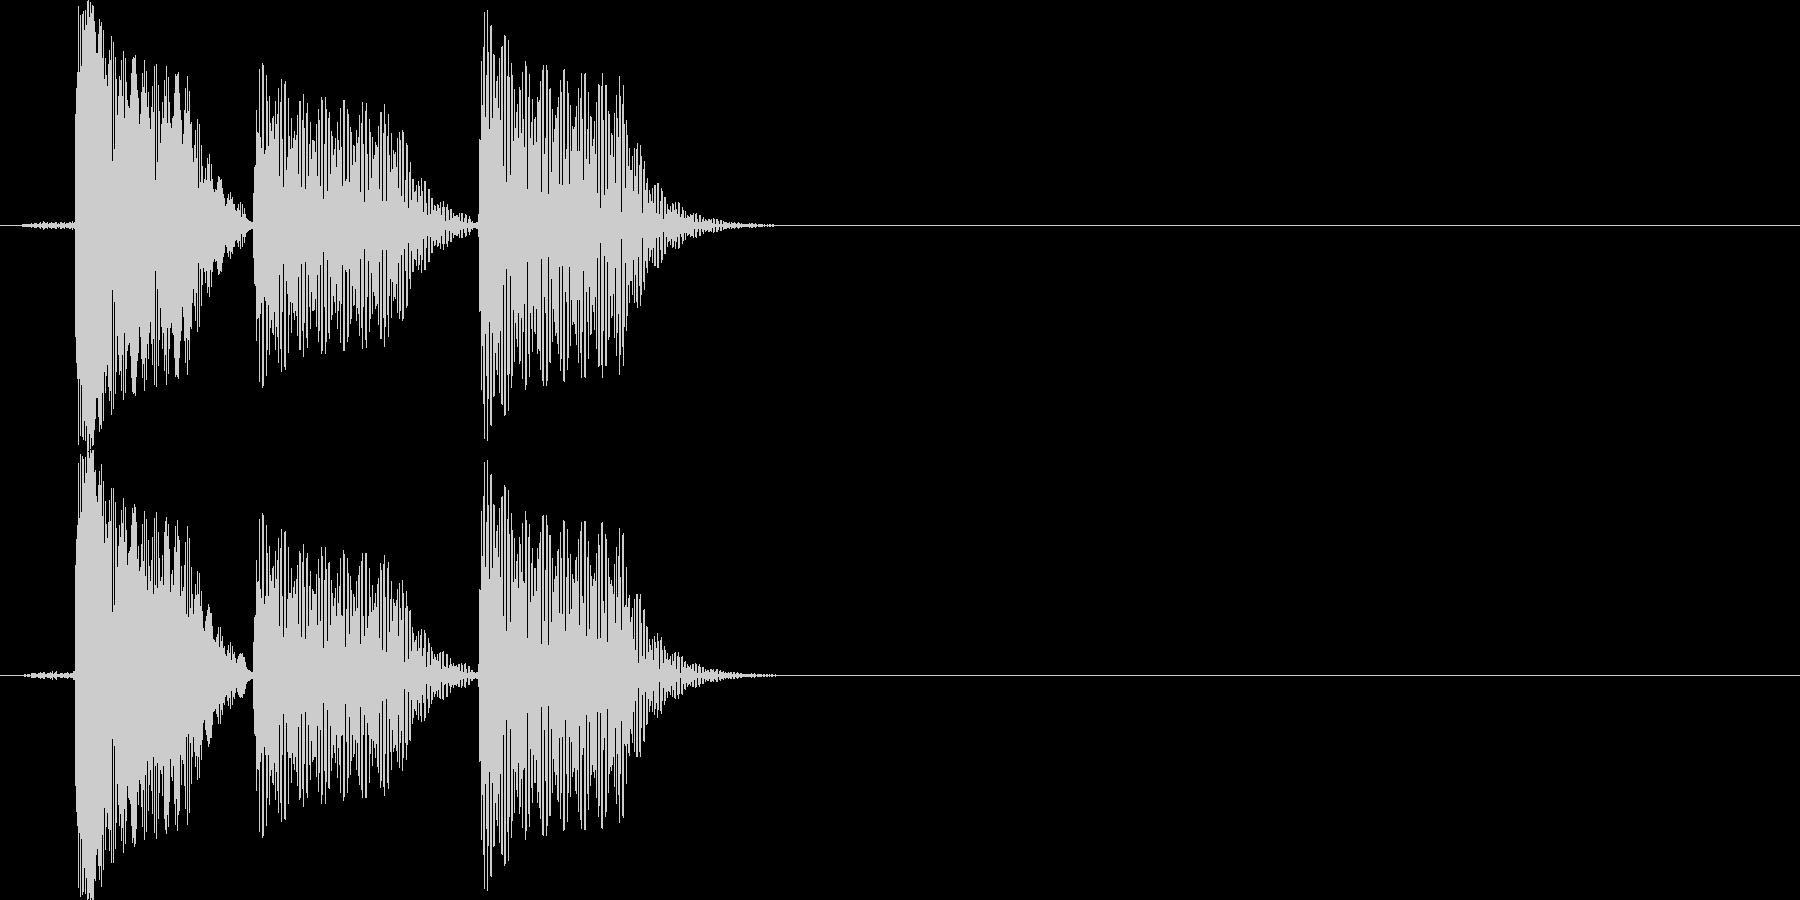 スマホアプリなどに使えるSE イメージ…の未再生の波形